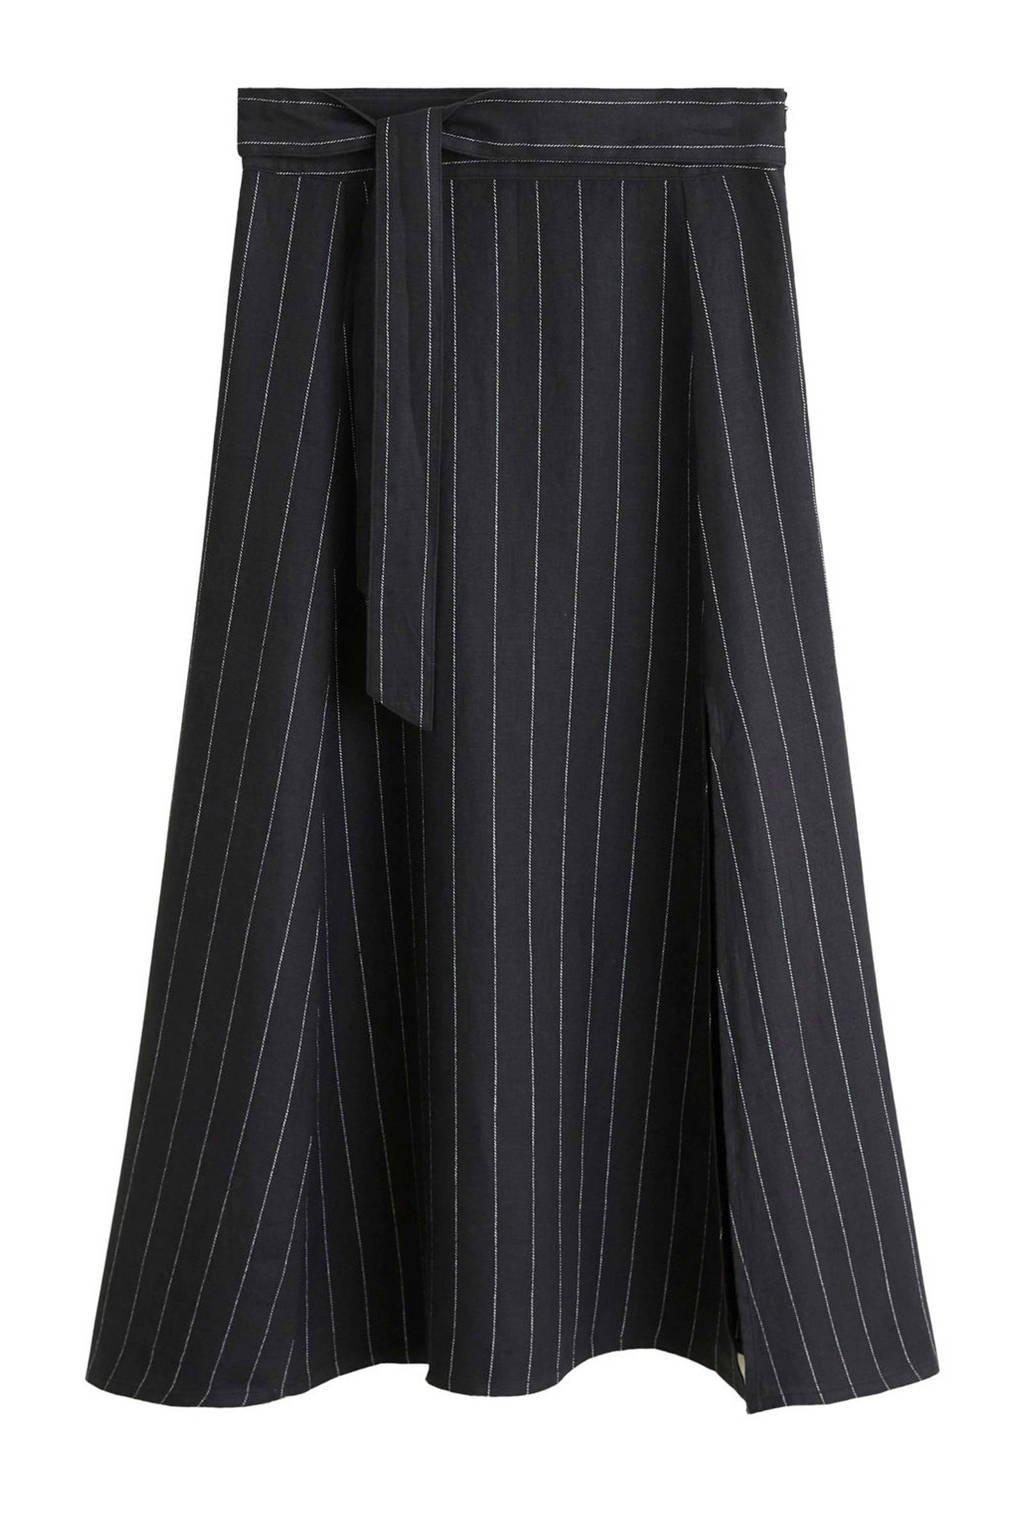 Mango linnen rok met krijtstreep zwart, Zwart